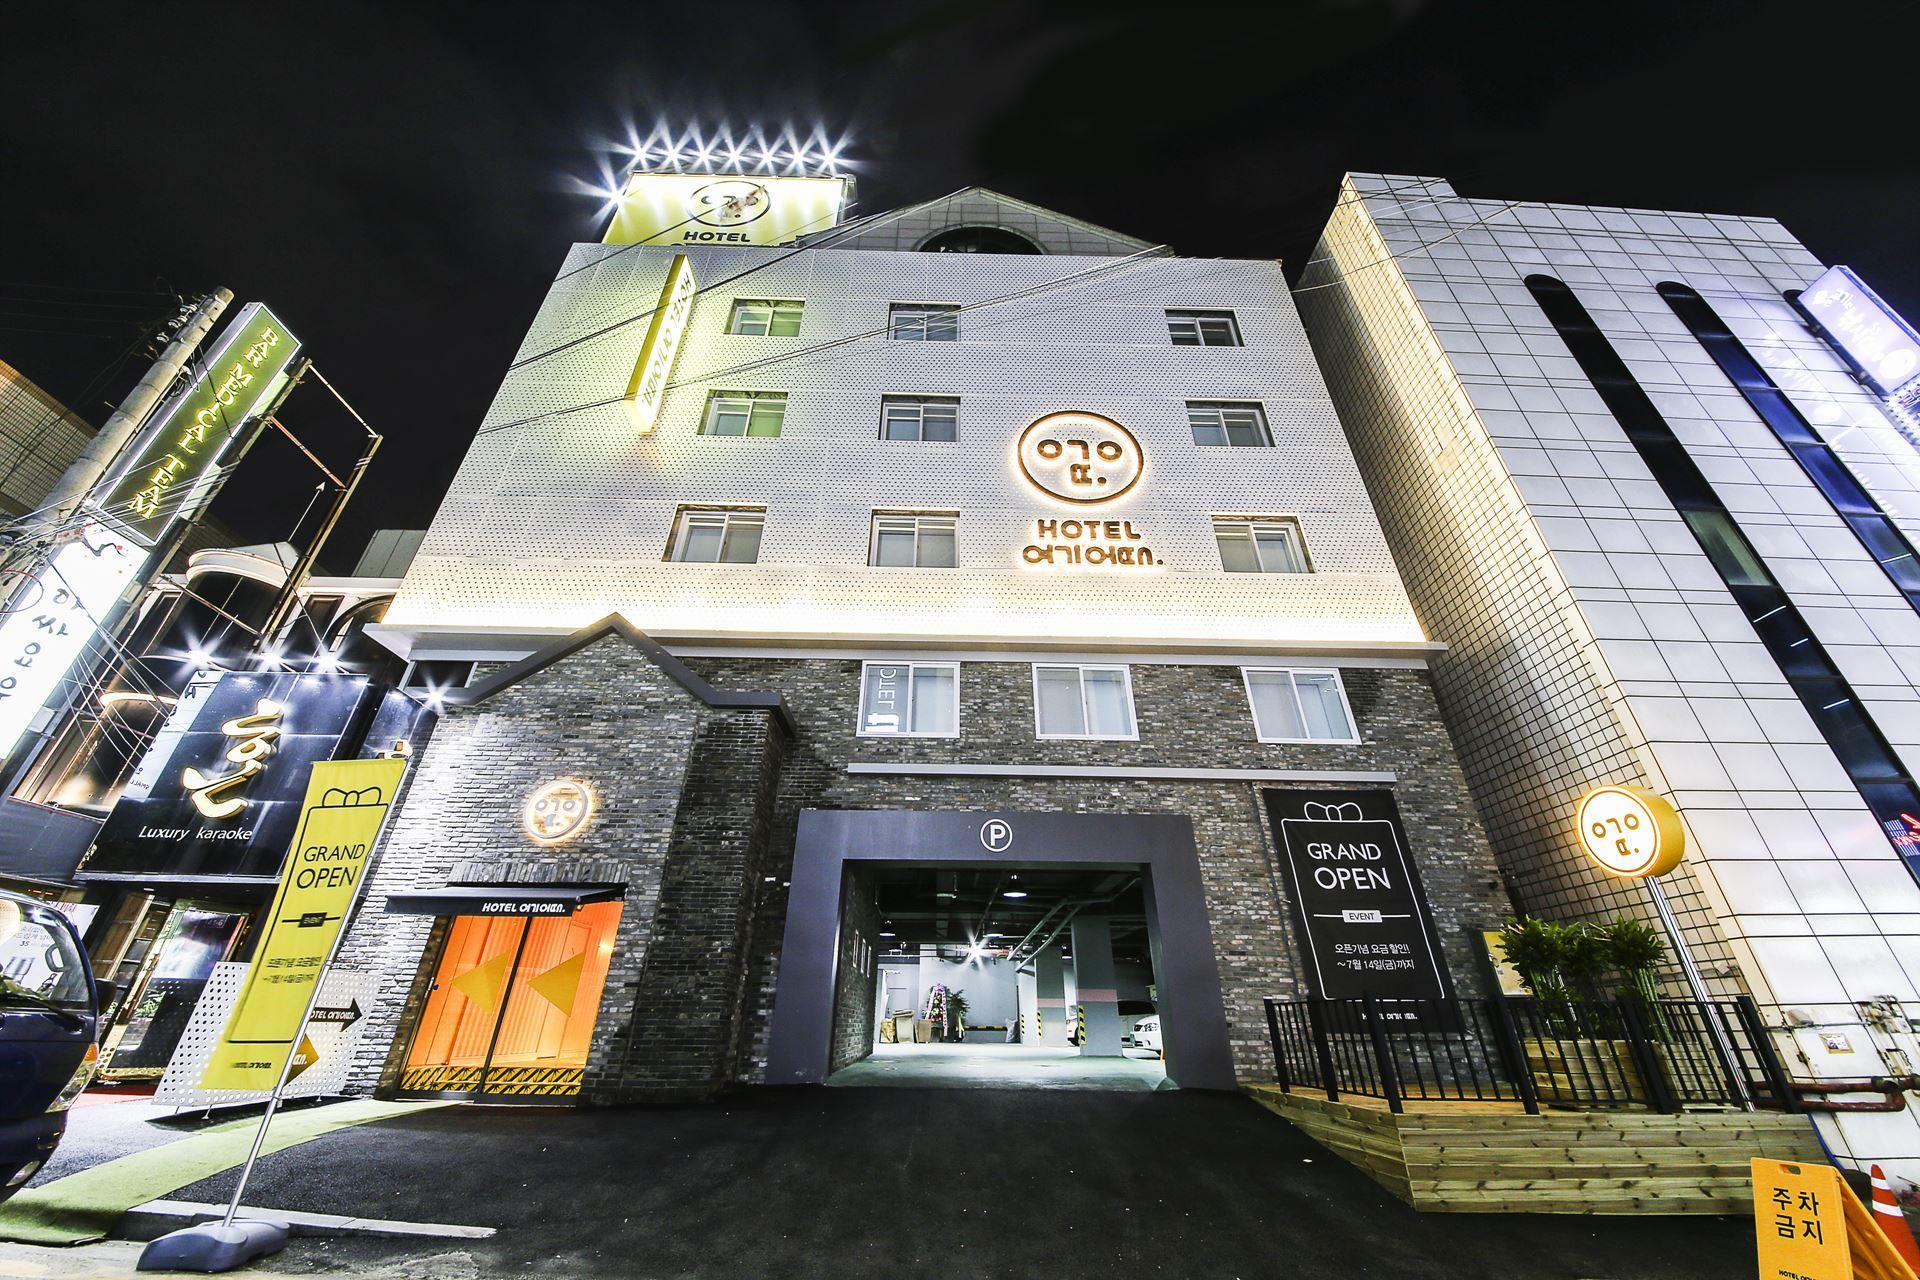 Hotel Yeogiuhtte Ingye